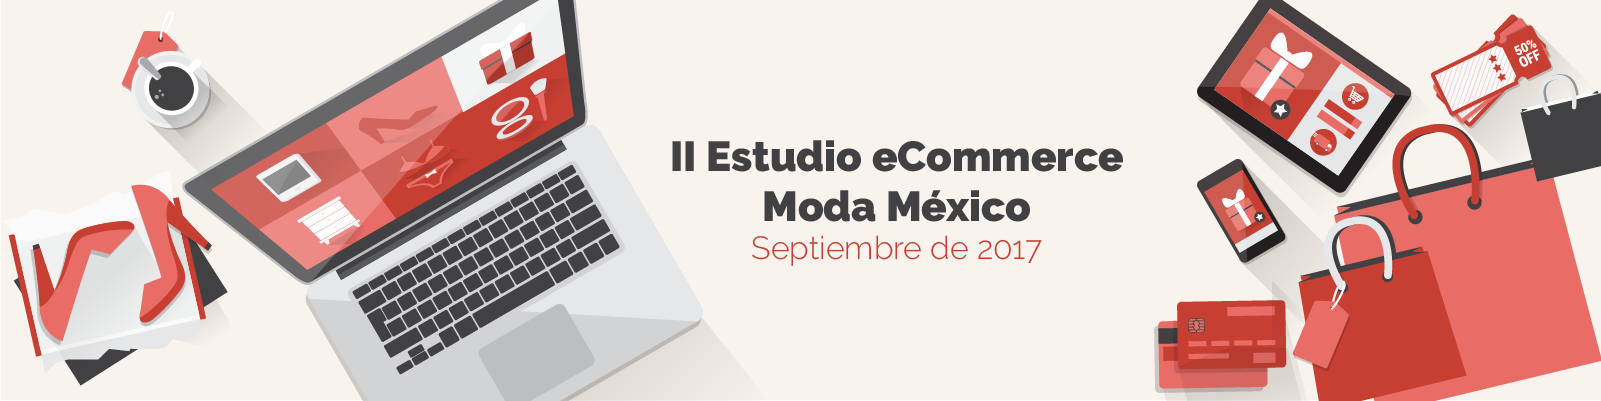 II Estudio eCommerce Moda México